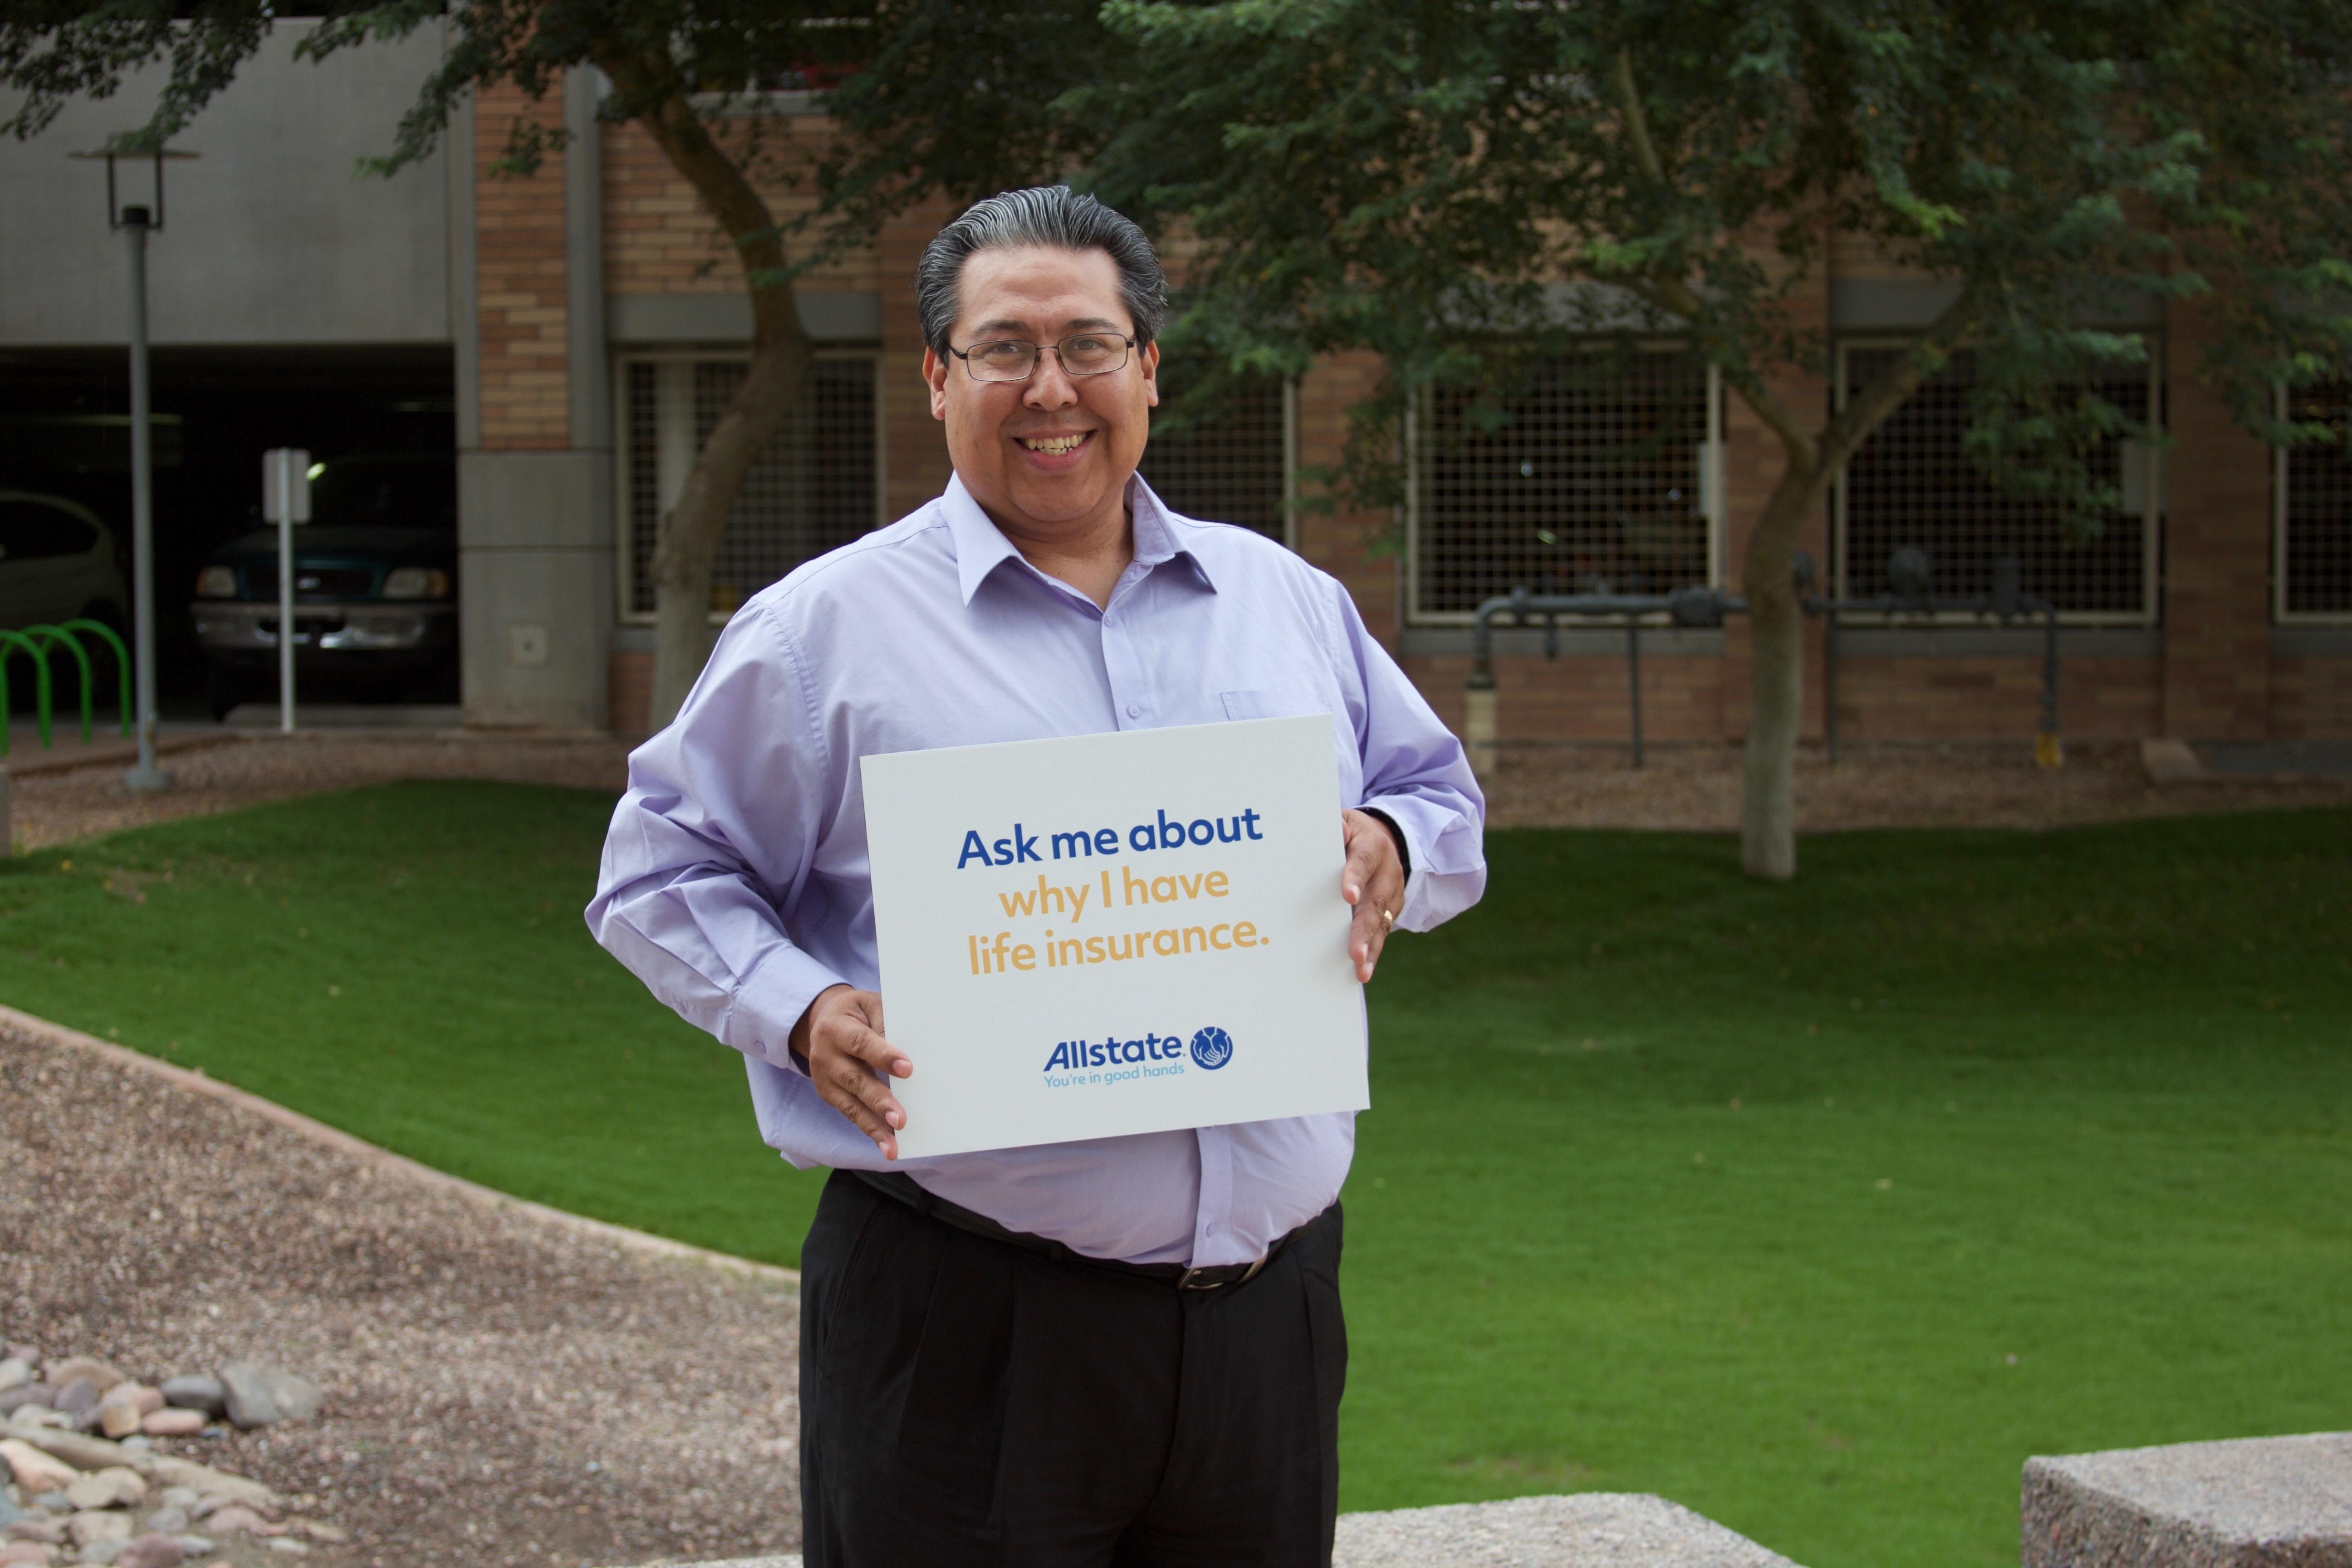 Robert Alvarez: Allstate Insurance image 1